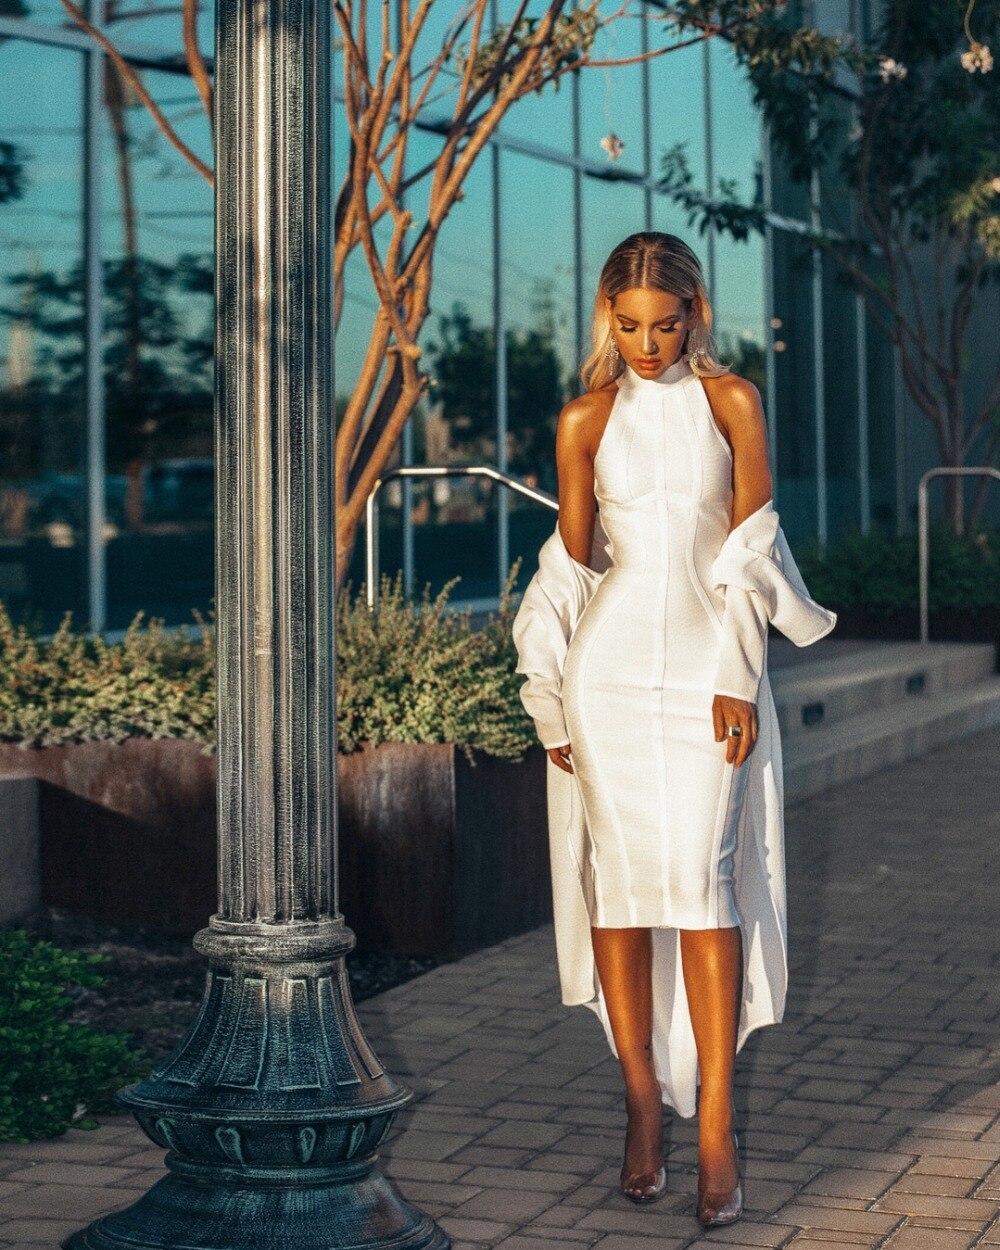 Nachdenklich Neue Ankunft 2018 Sommer Frauen Kleid Großhandel Weiß Halter Neck Bandage Kleid Party Kleid Dropshipping Kleid + Anzug Reine WeißE